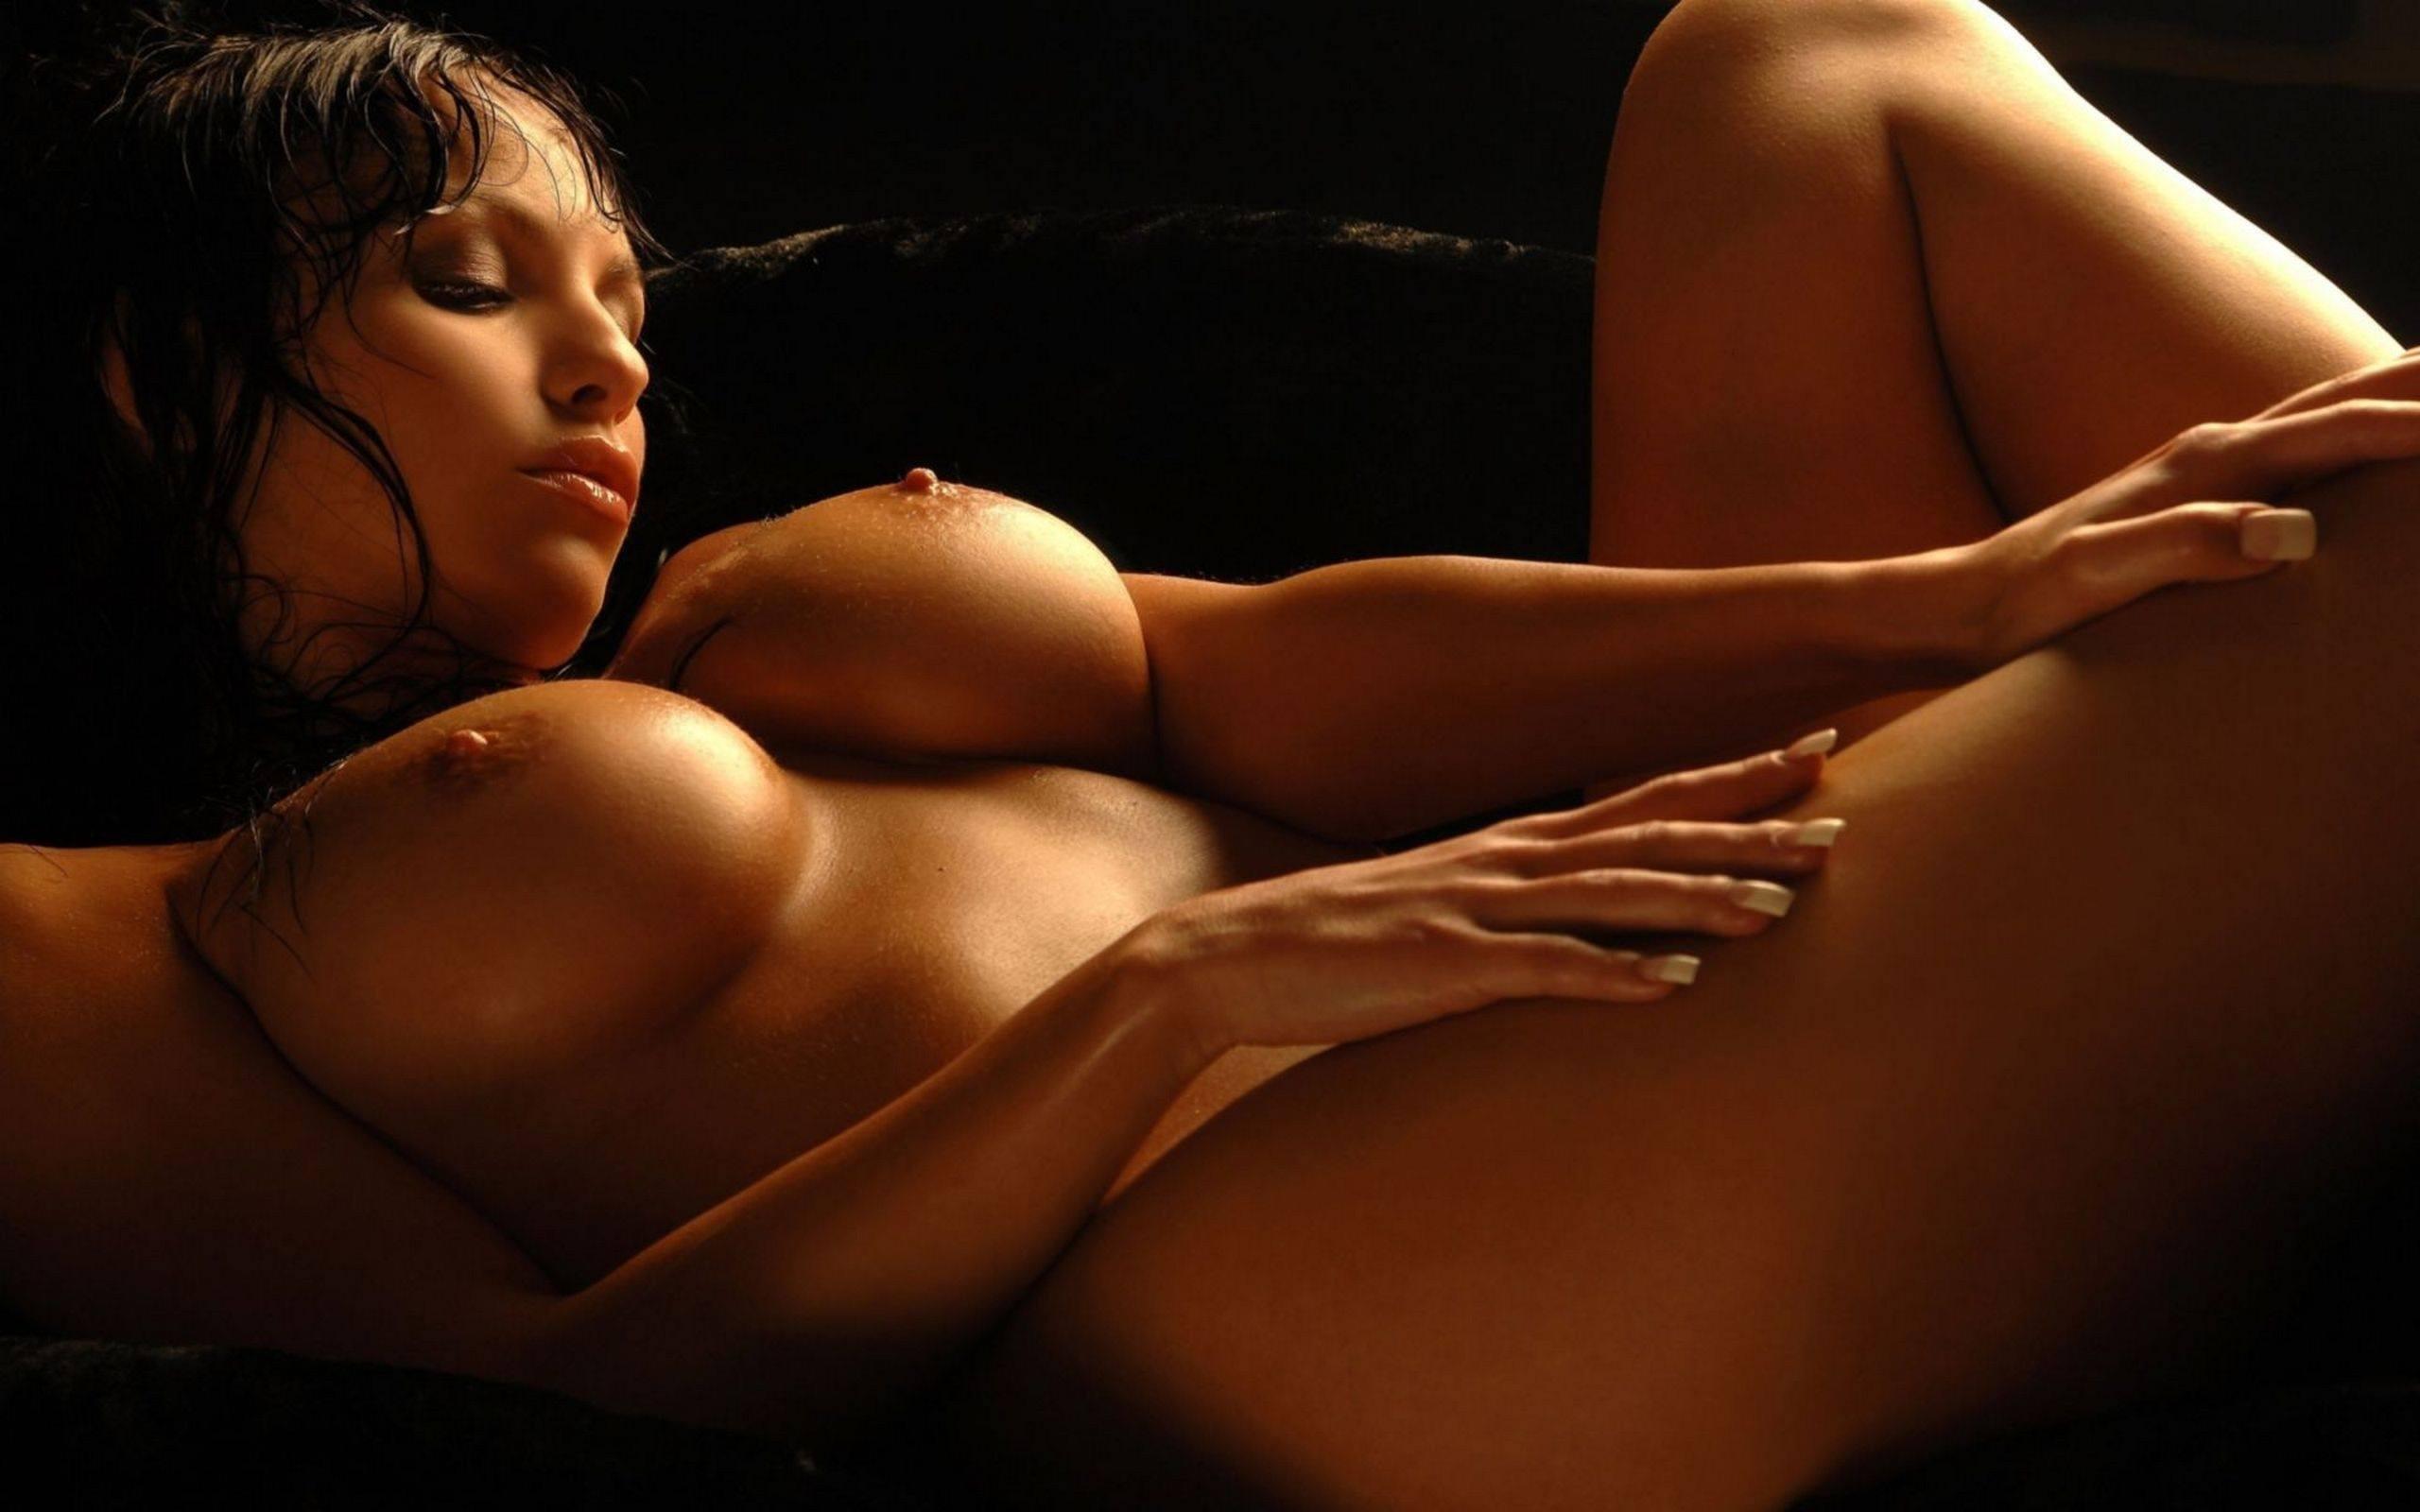 Самые Красивые Обнаженные Сексуальные Девушки